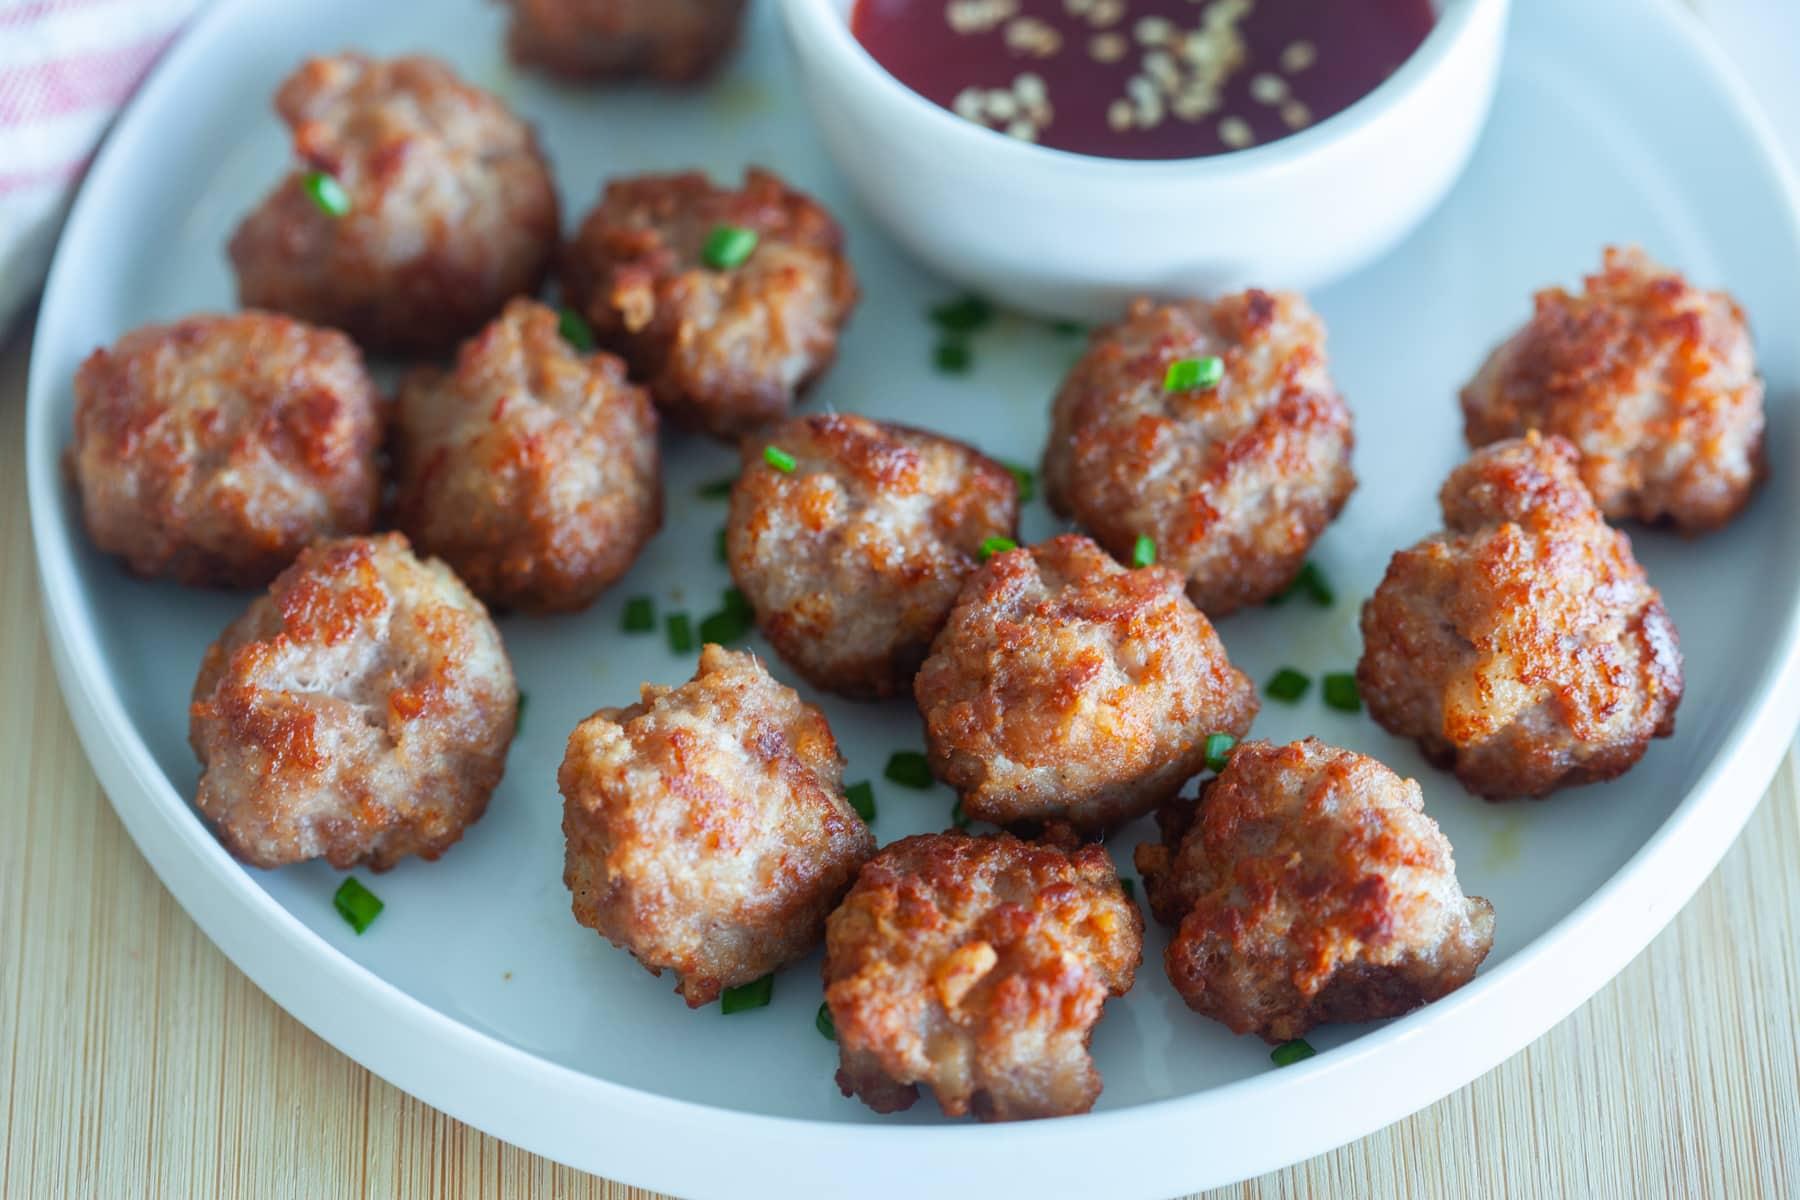 Boulettes de viande frites, prêtes à servir.